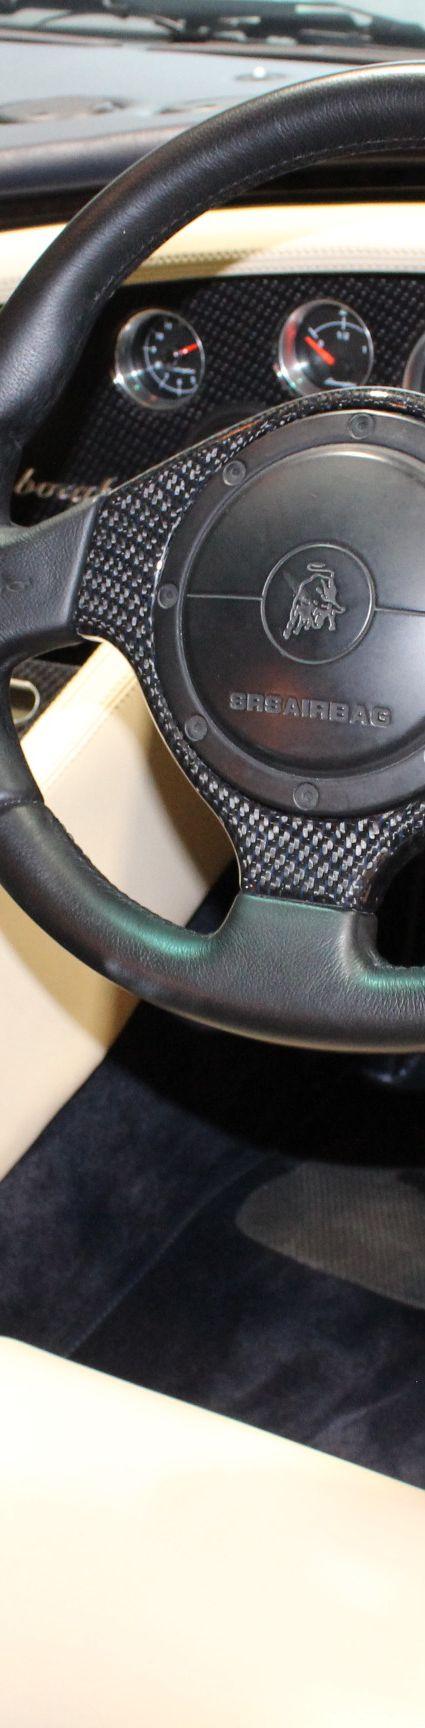 2001 Lamborghini Diablo - for sale in Australia